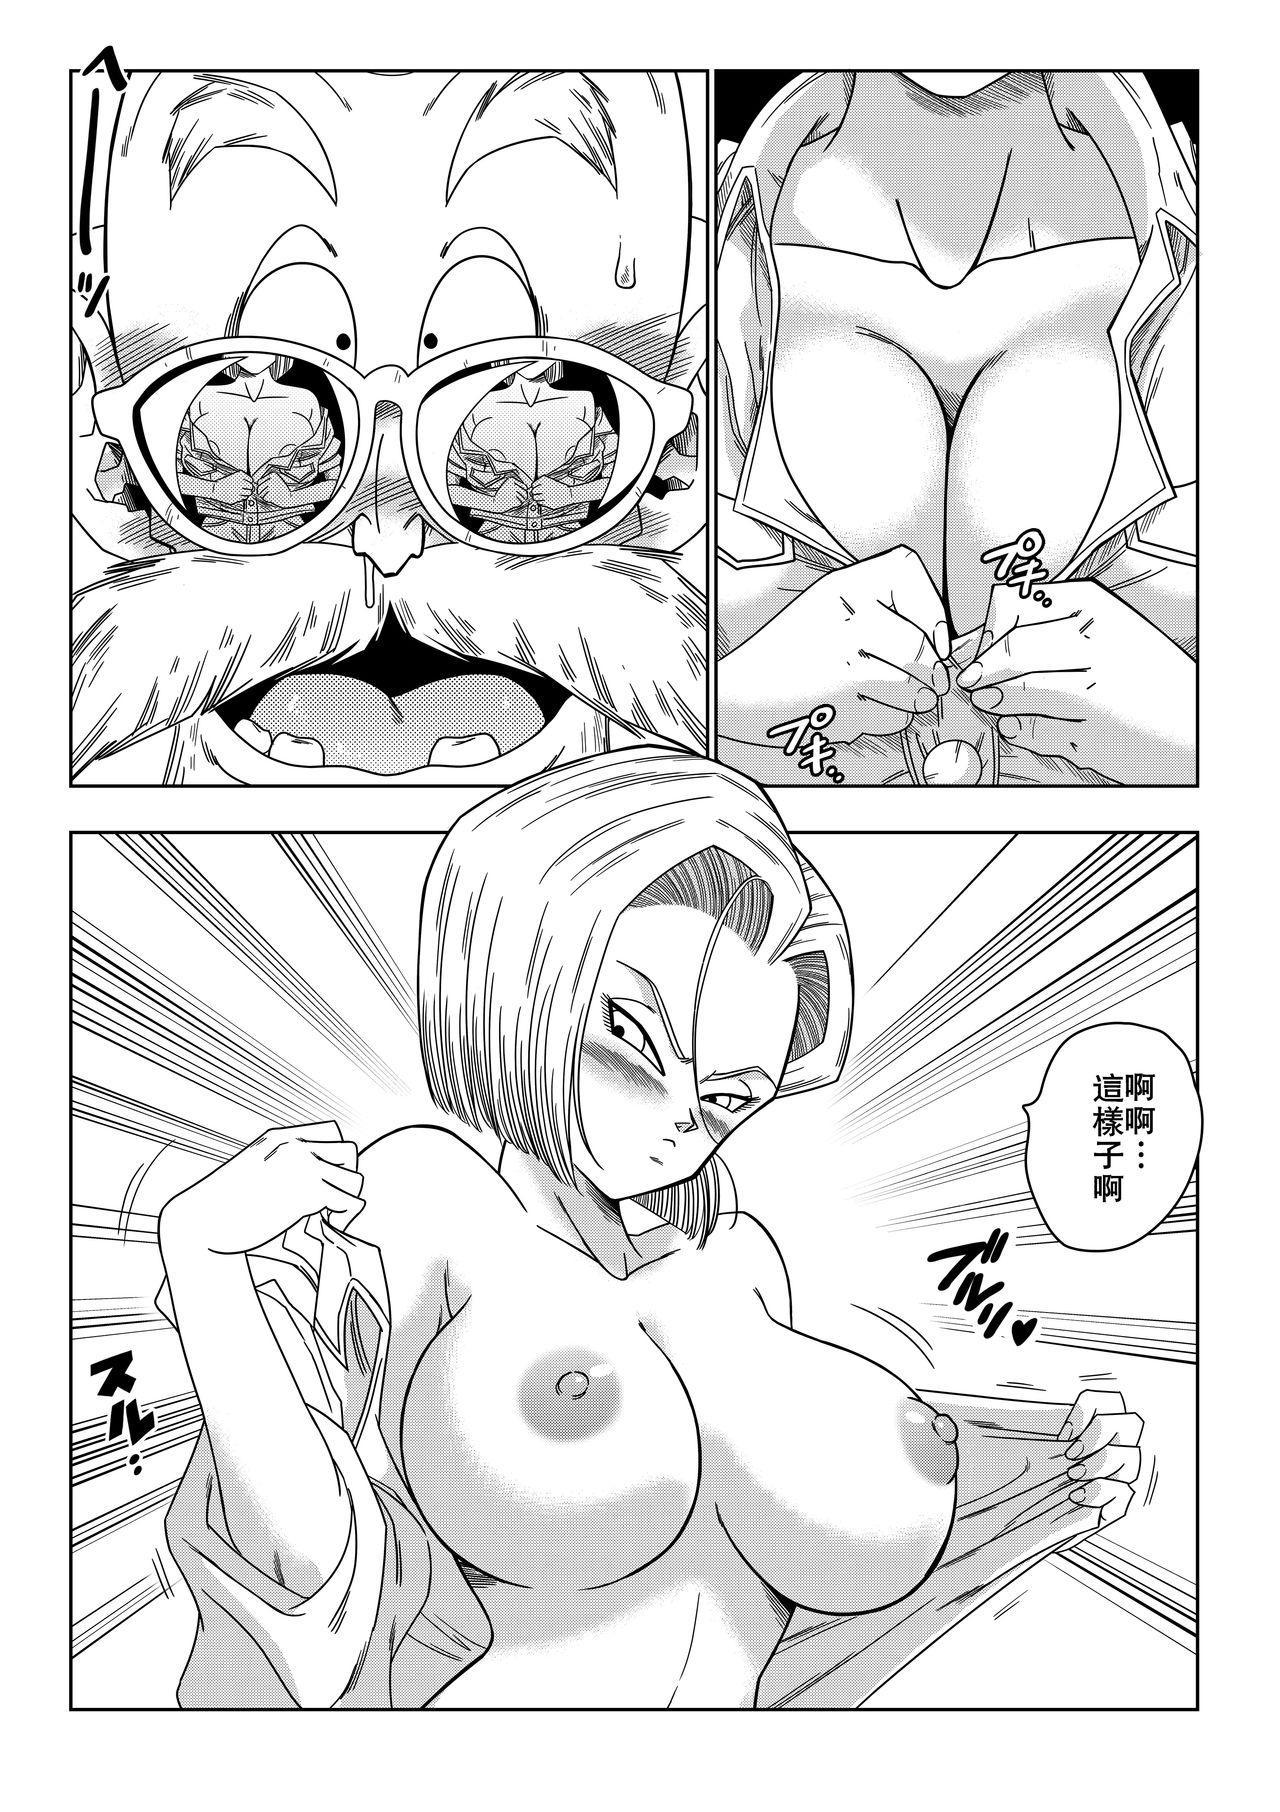 18-gou vs Kame Sennin 5